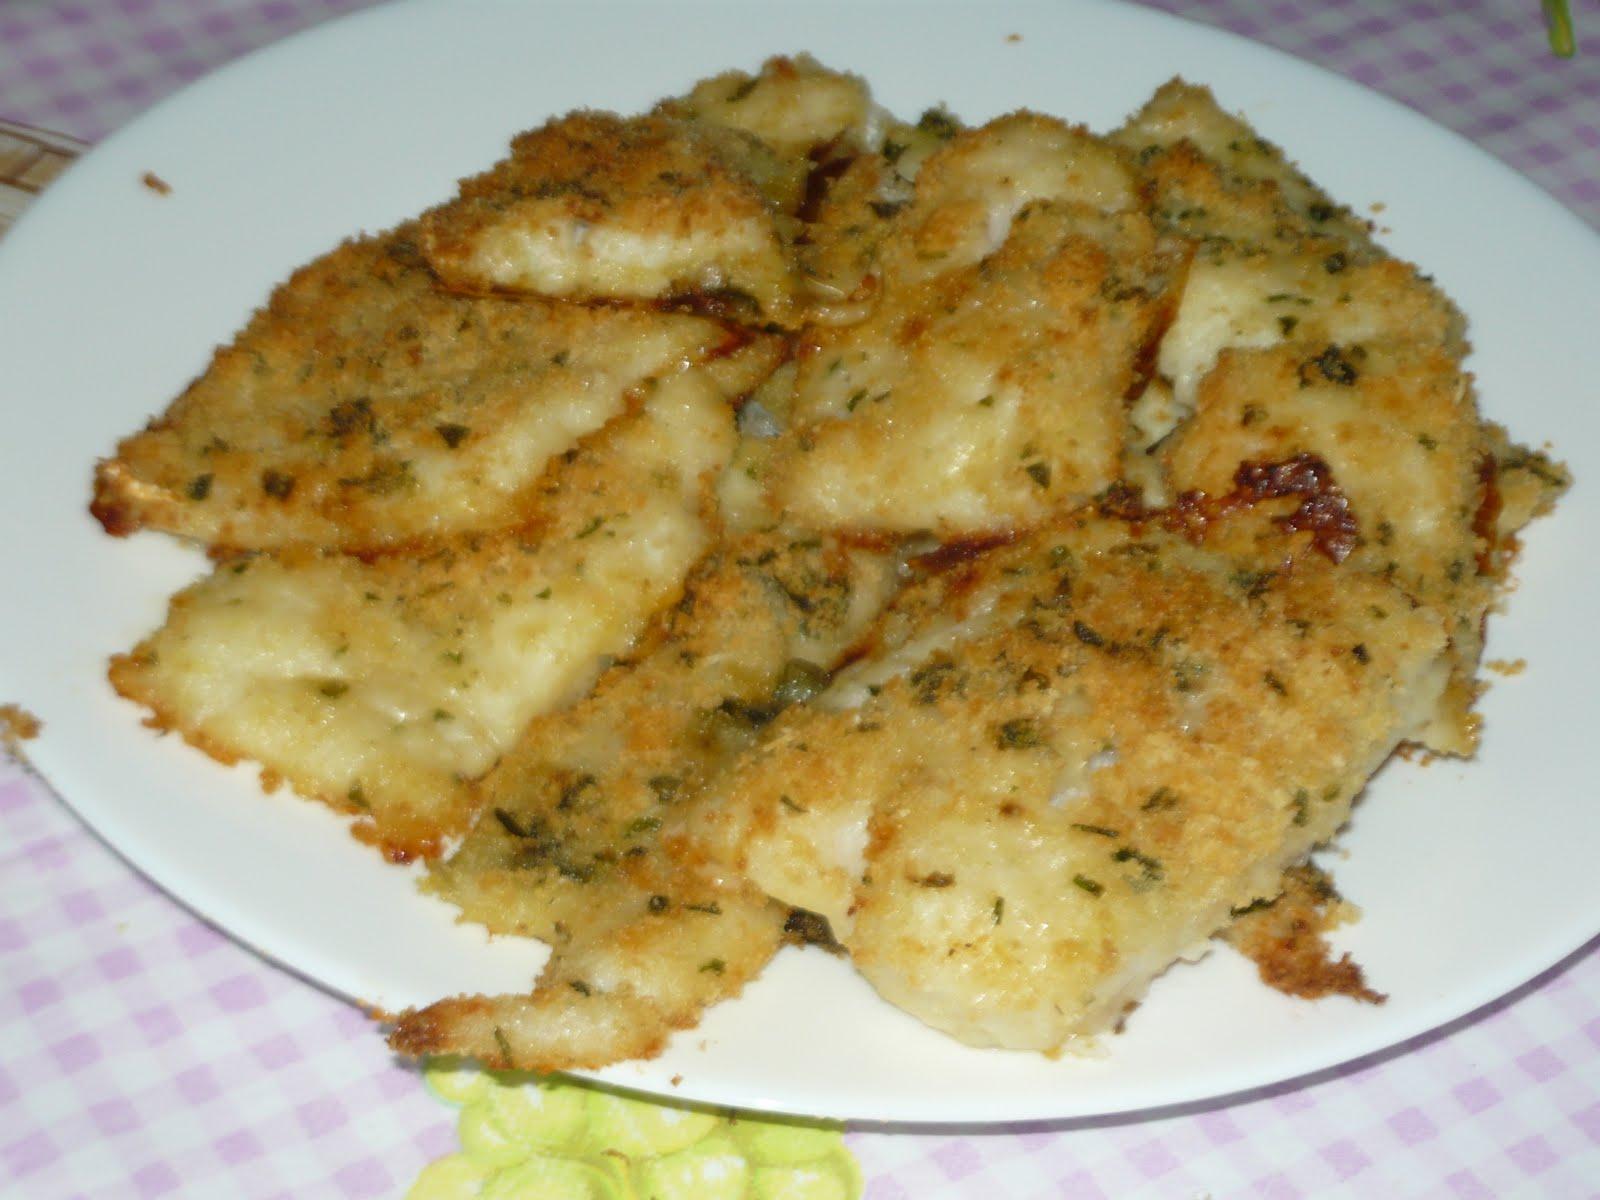 le ricette di elena: filetto di merluzzo gratinato - Cucinare Filetto Di Merluzzo